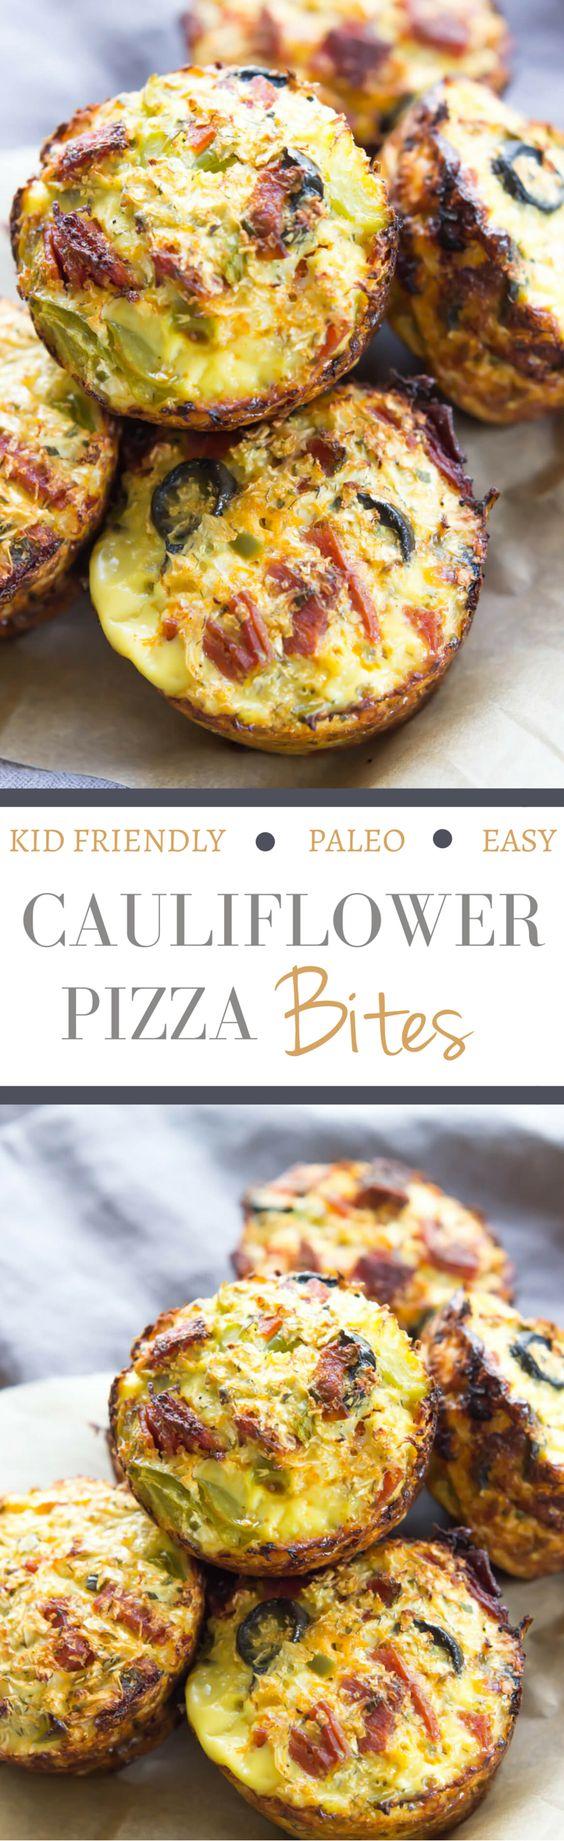 cauliflowerpizzabitespin